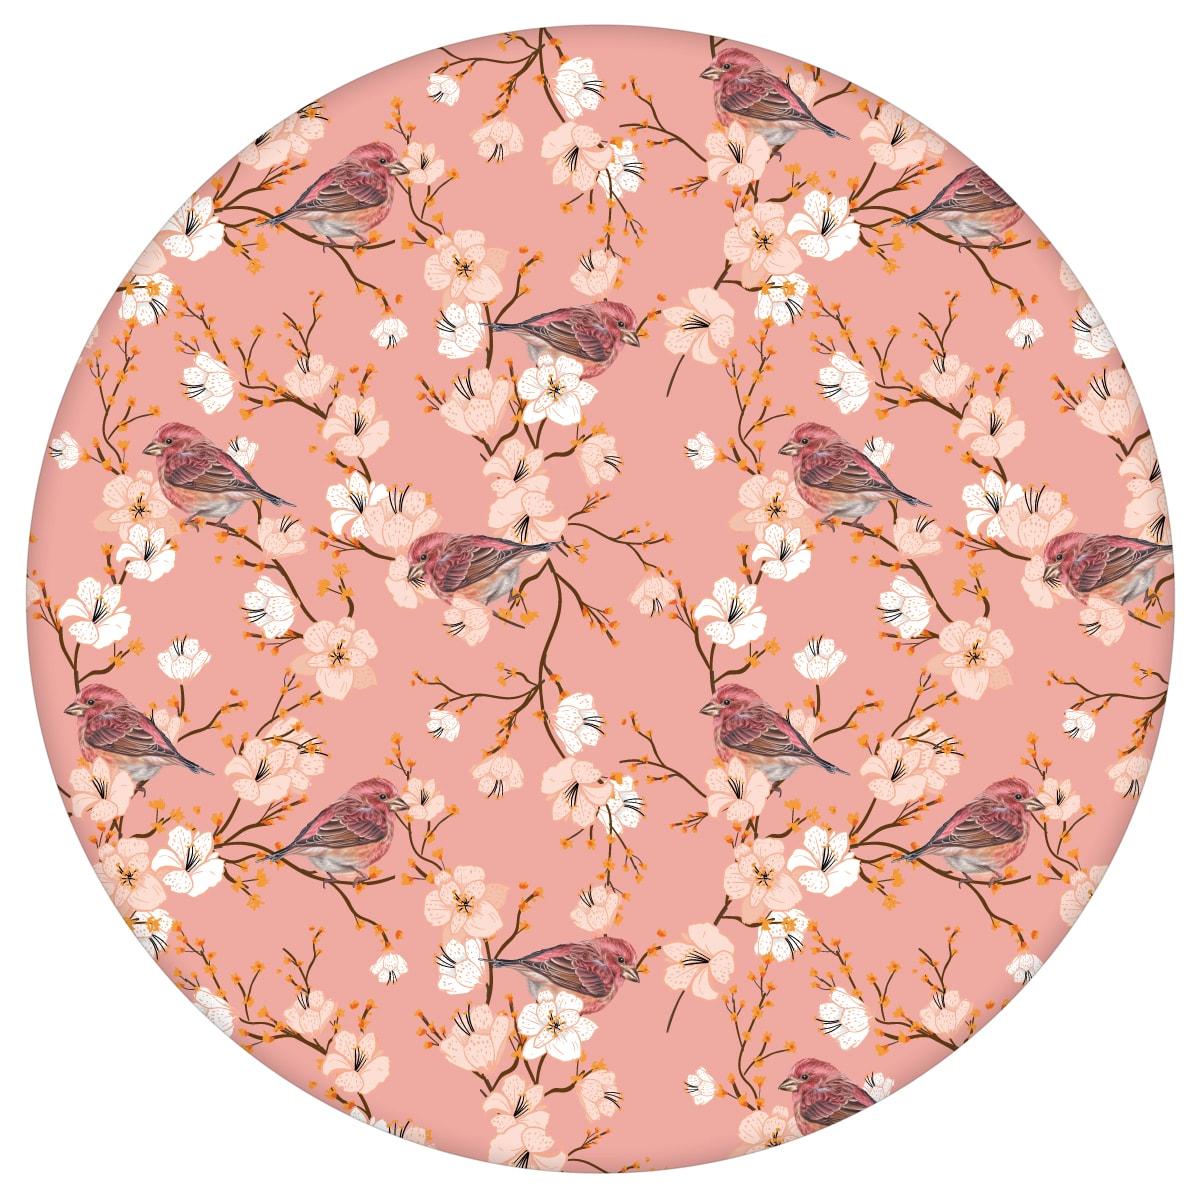 """Frühlings Tapete """"Kirschblüten Spatz"""" mit Vögeln, rosa Vlies Tapete Blumen Tiere, frische Wanddeko für Kücheaus dem GMM-BERLIN.com Sortiment: rosa Tapete zur Raumgestaltung: #blueten #blumen #Blumentapete #fruehling #Kirschblüte #kueche #rosa #Spatz #voegel für individuelles Interiordesign"""